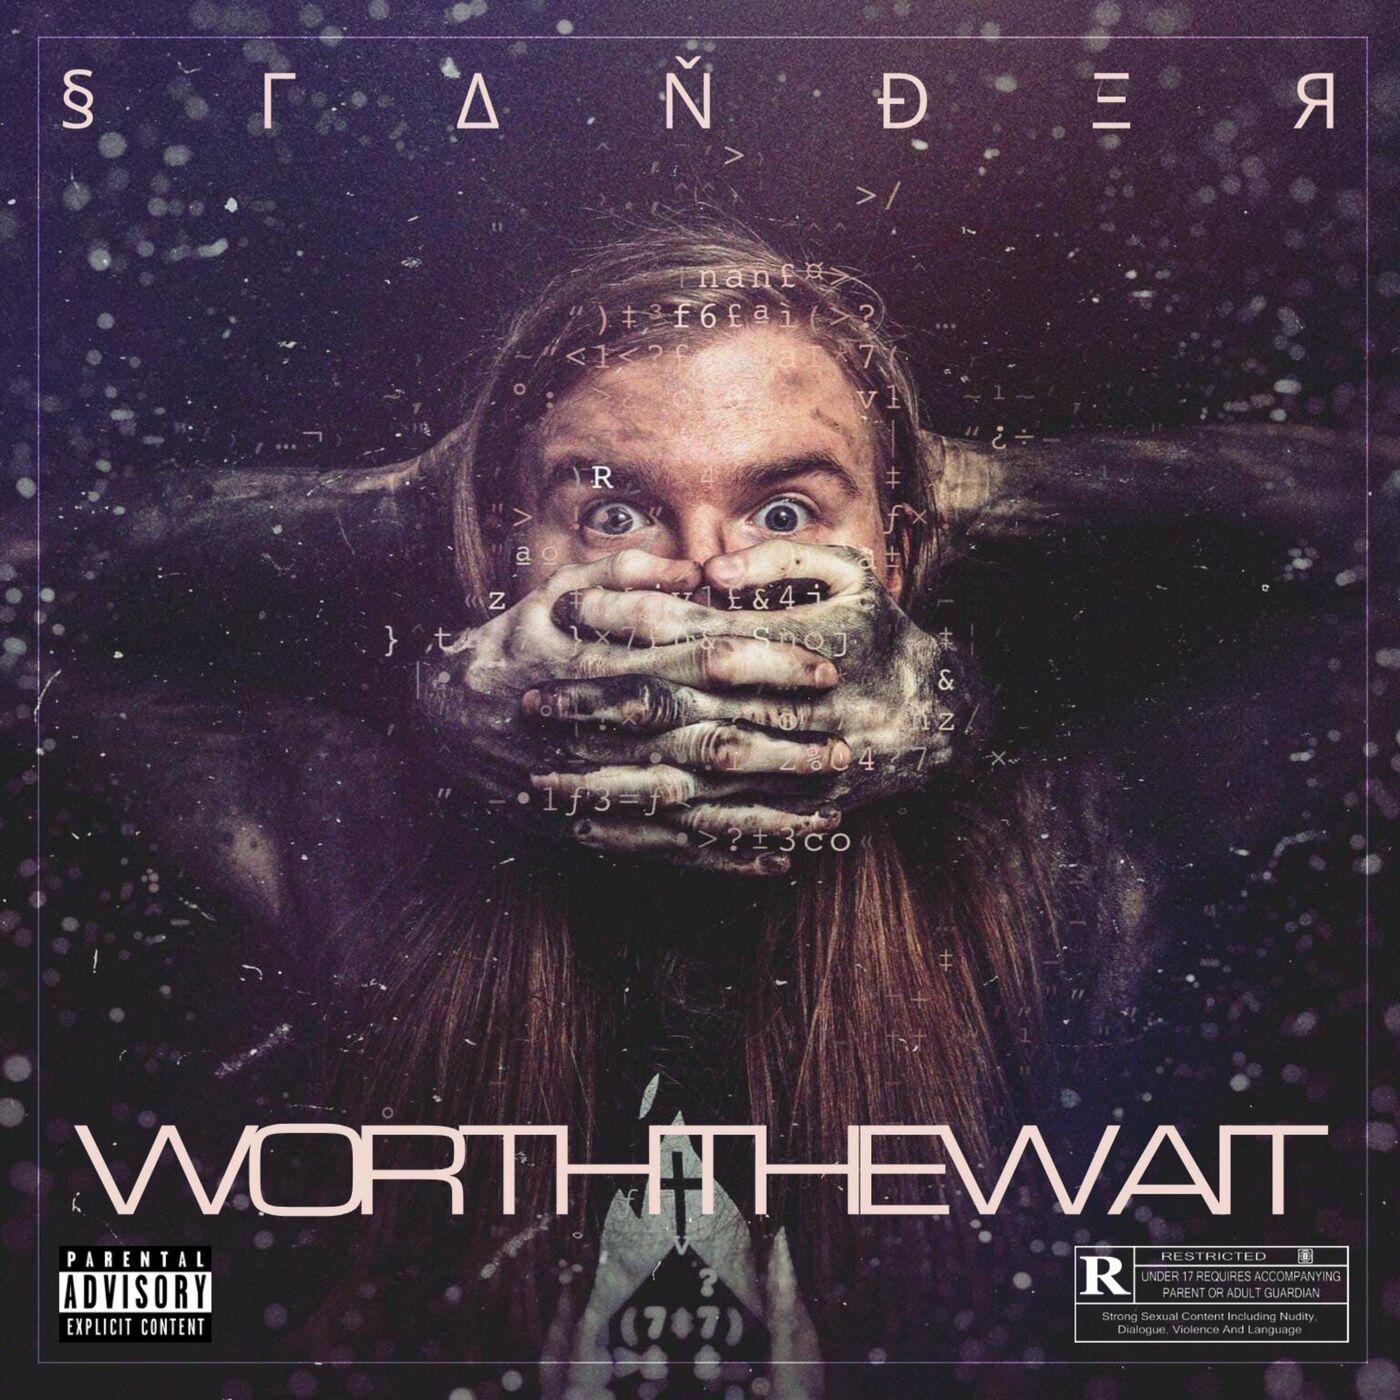 Worth The Wait - Slander (Dead Inside) [single] (2020)